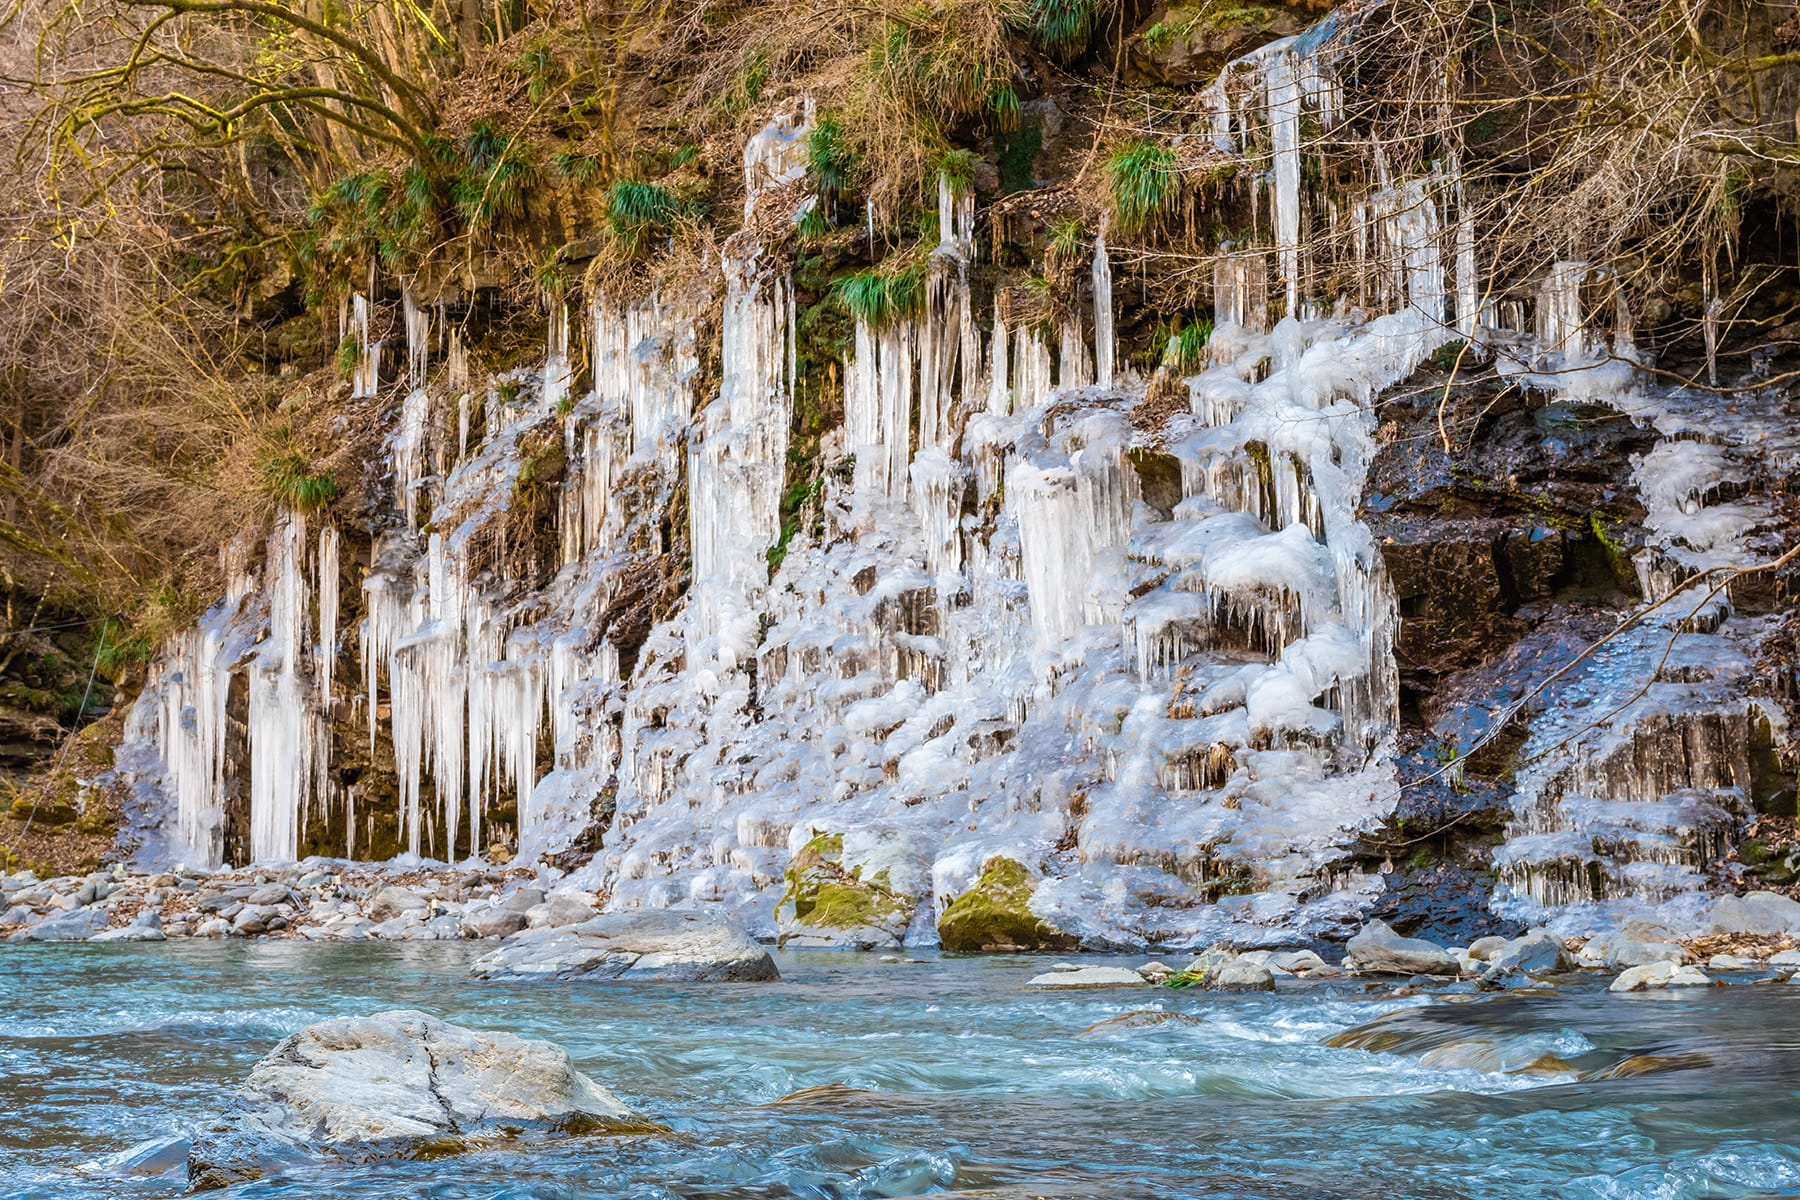 三十槌の氷柱 【三十槌荒川河川敷 埼玉県秩父市】  フォトさいたま